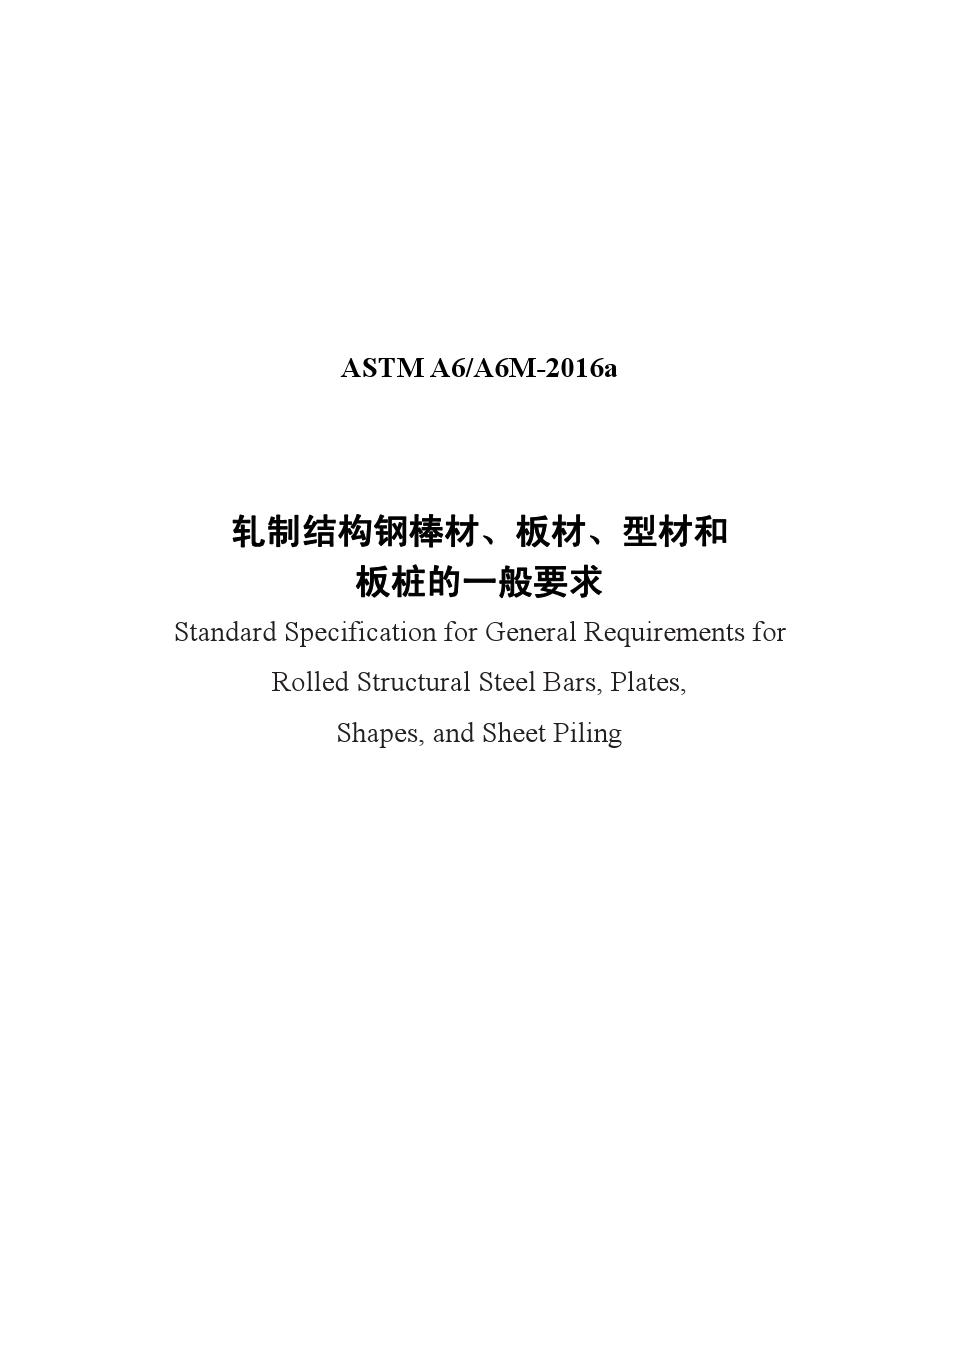 ASTM A6 A6M-2016a 轧制结构钢棒材、板材、型材和板桩的一般要求